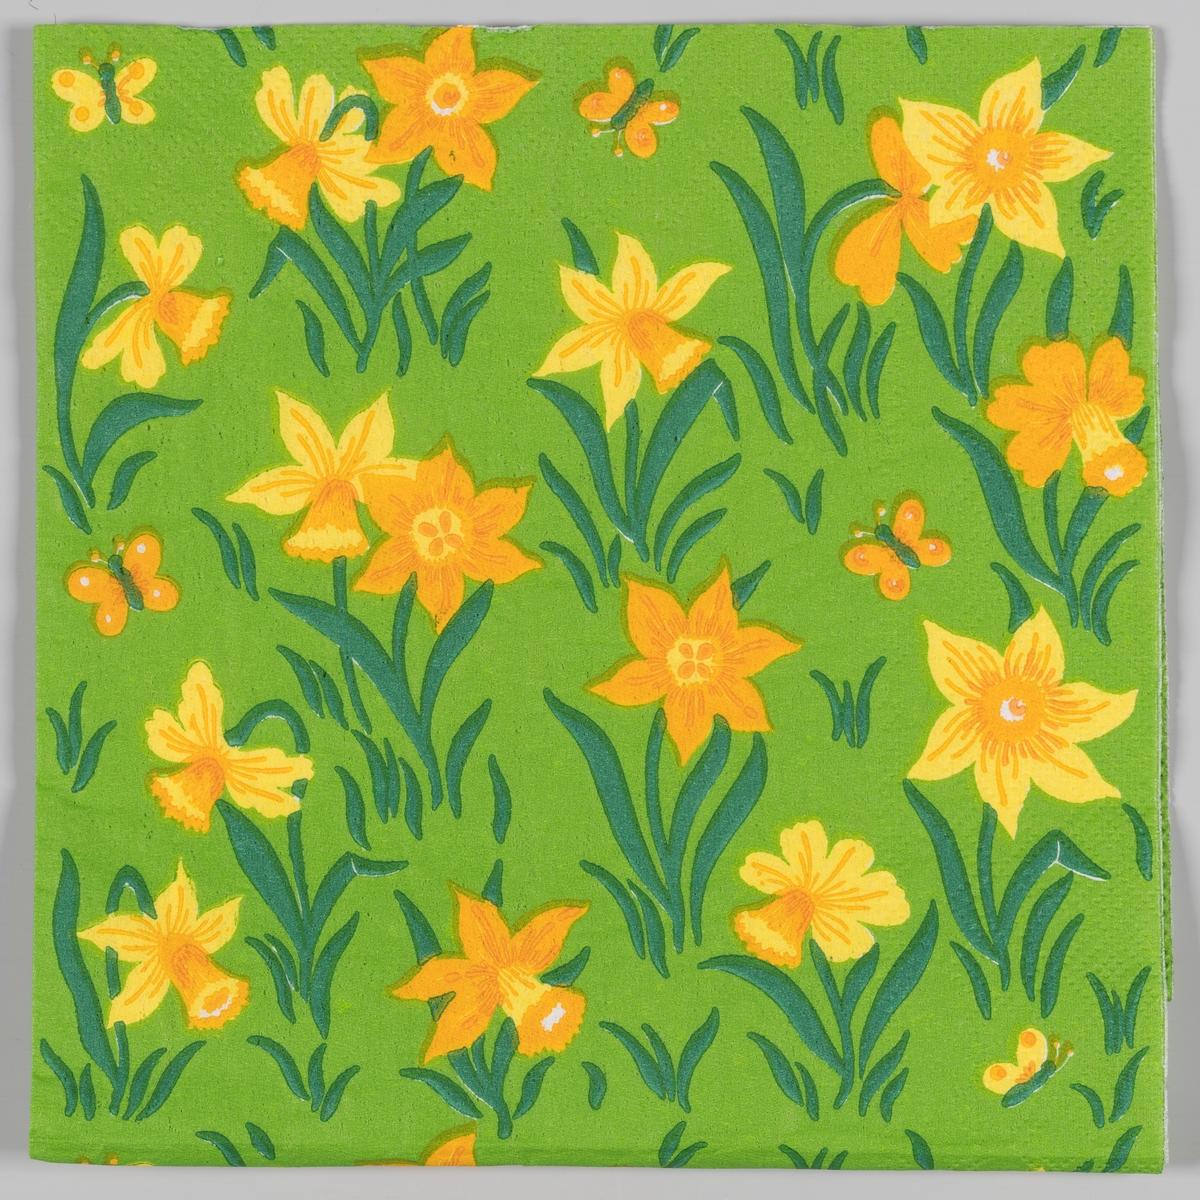 Påskeliljer og gule og oransje sommerfugler og grønt gress.